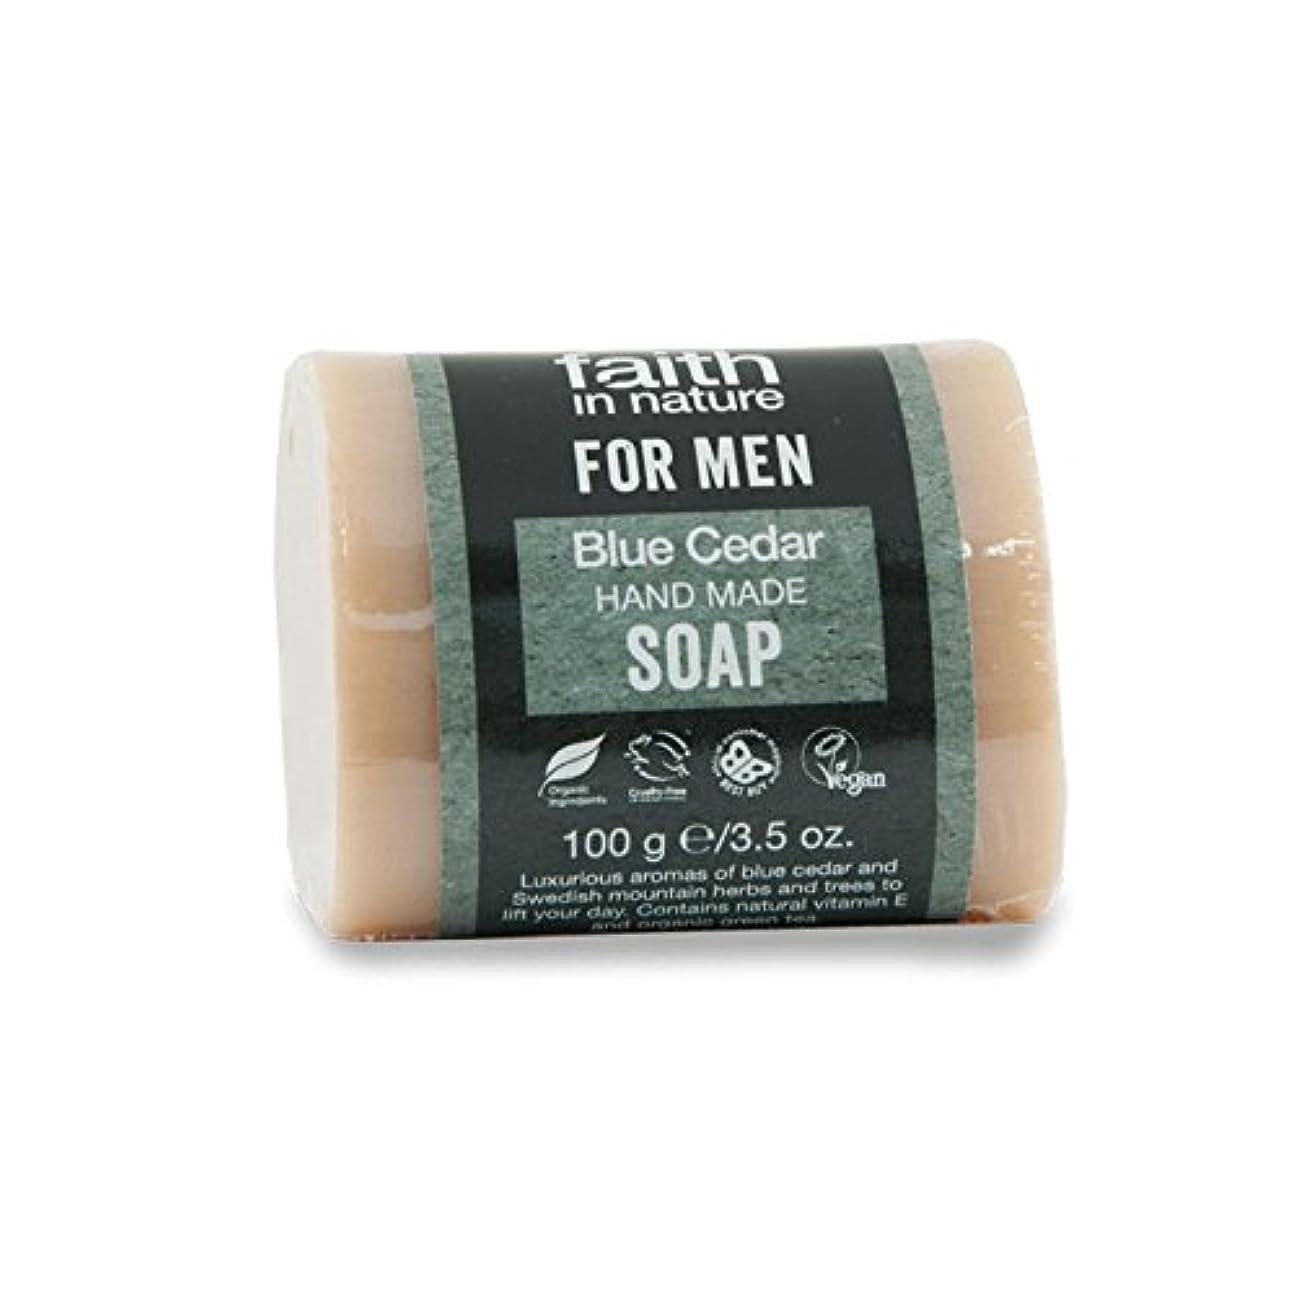 予防接種するヒープブリッジFaith in Nature for Men Blue Cedar Soap 100g (Pack of 6) - 男性青杉の石鹸100グラムのための自然の中で信仰 (x6) [並行輸入品]